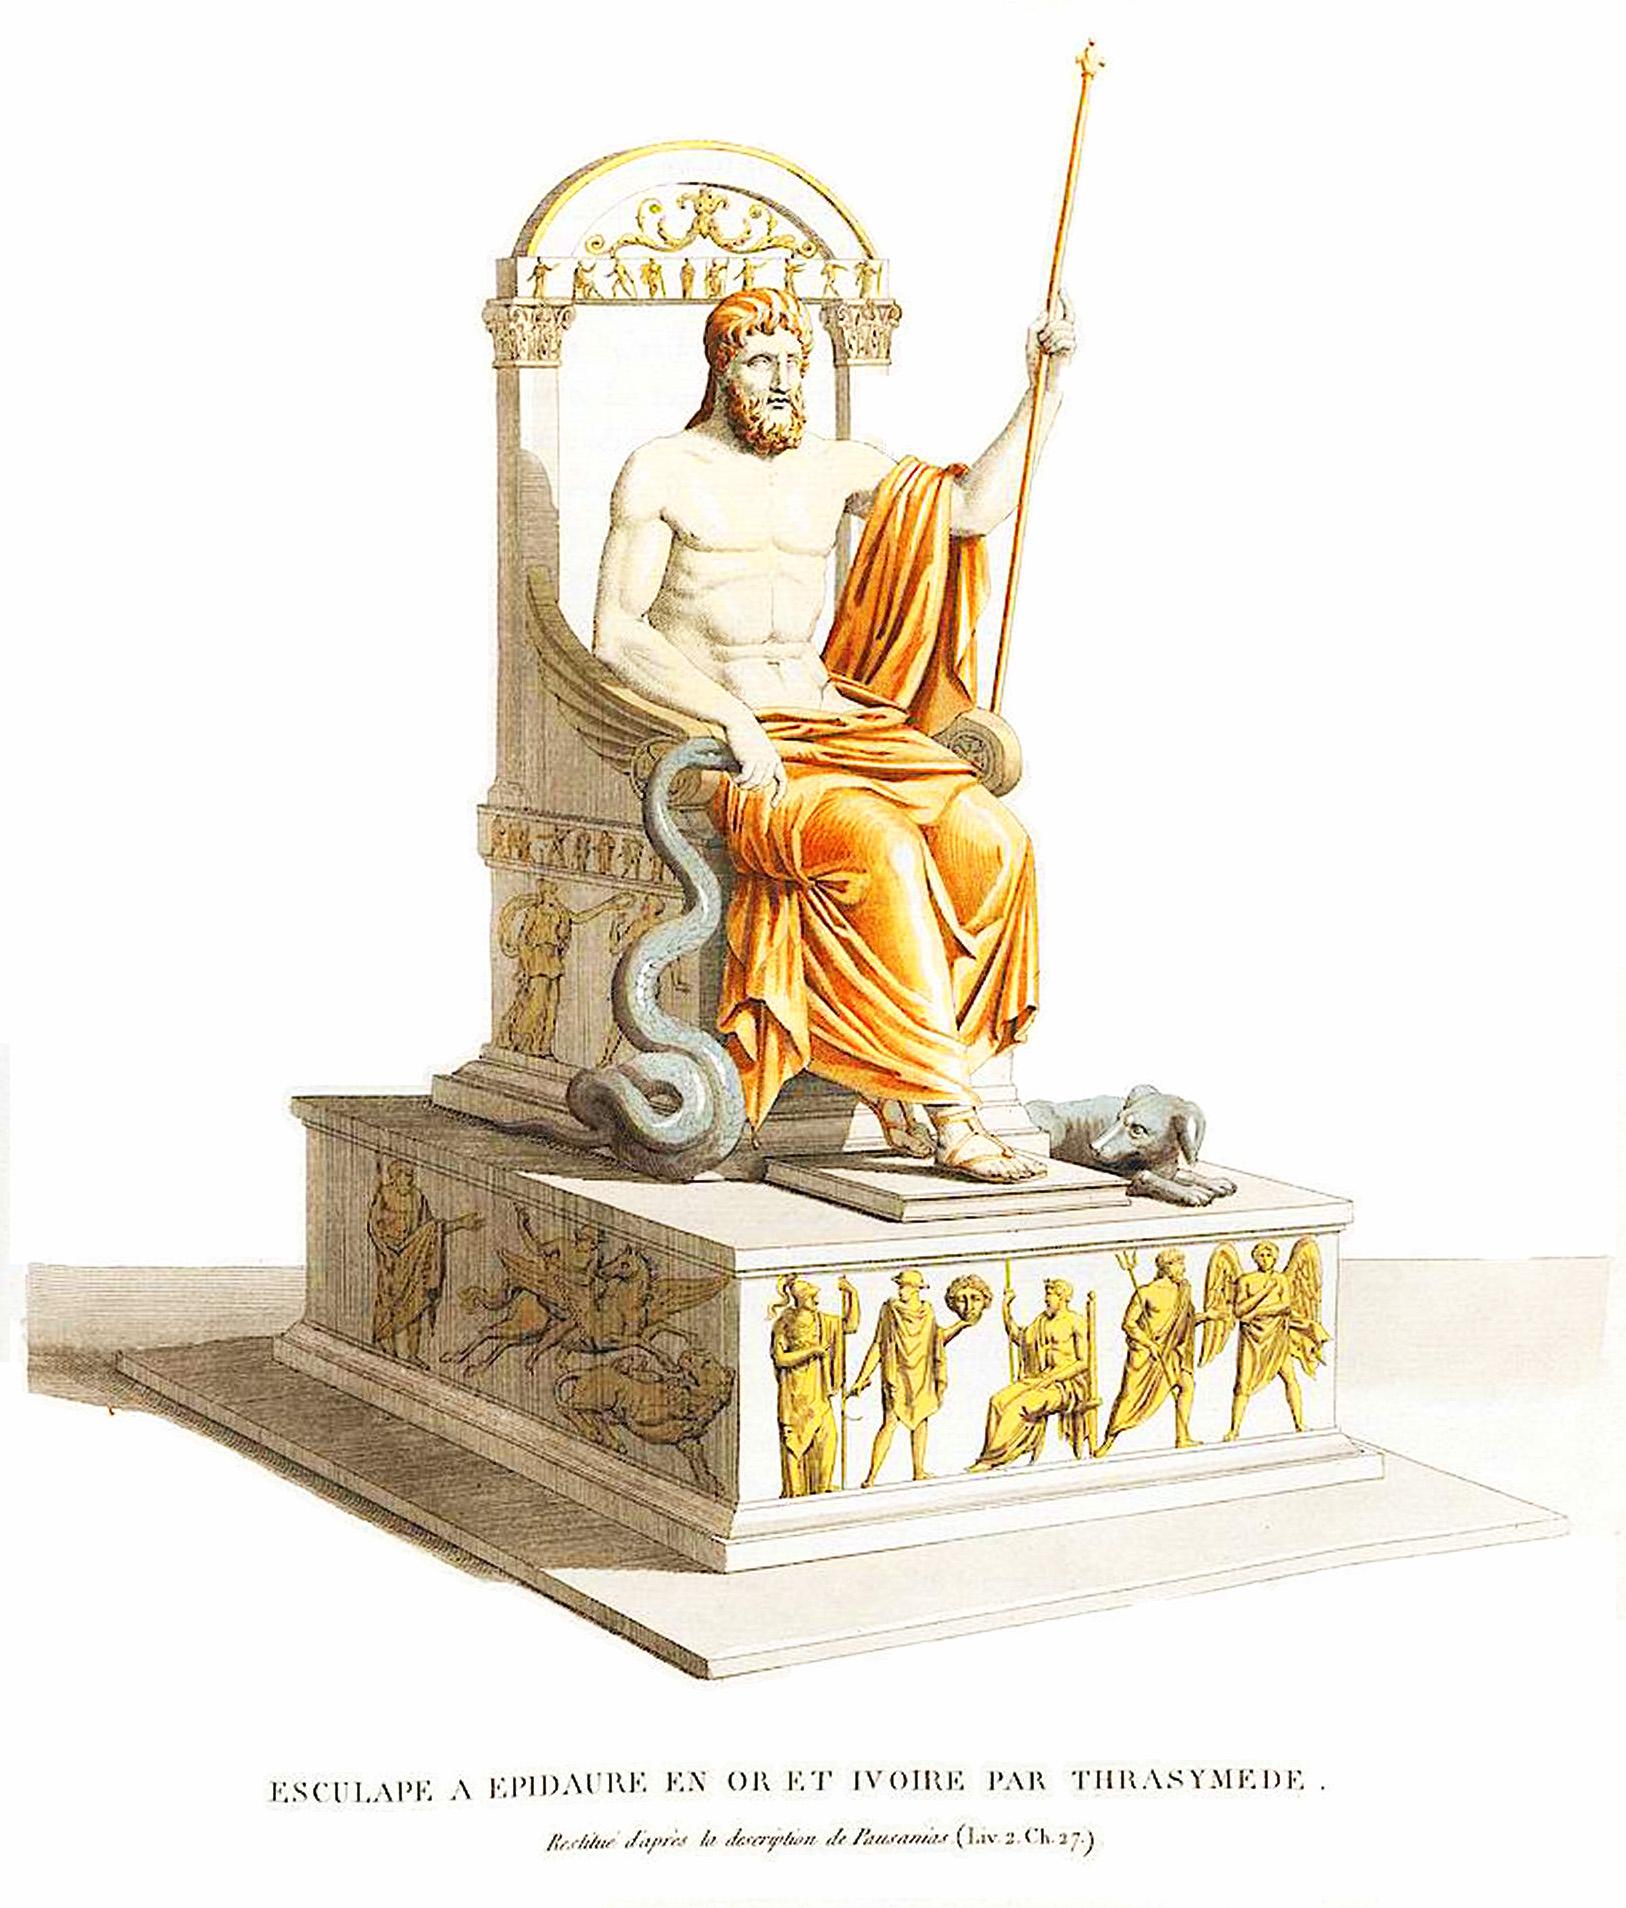 23. Святилище Асклепия в Эпидавре Esculapc a Epidaure en or et ivore par Trasymede